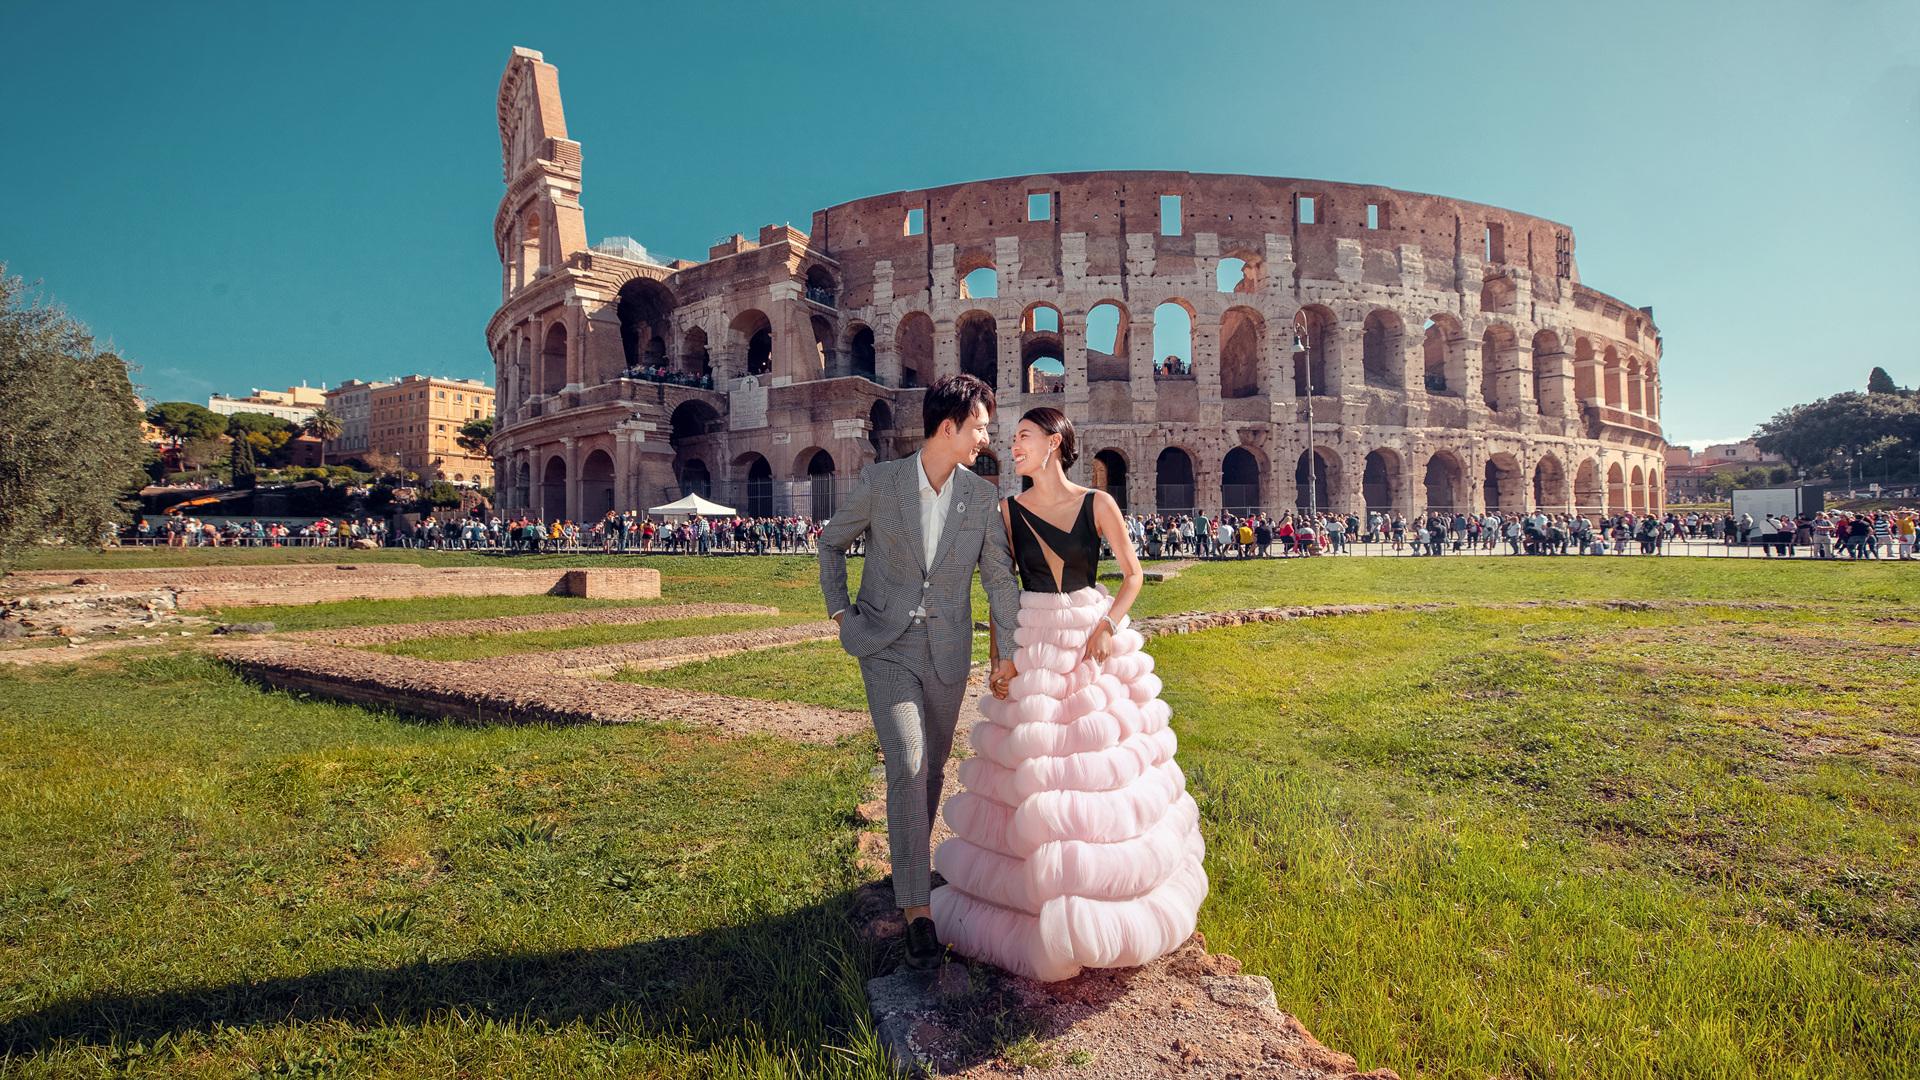 夏日拍婚纱照必备小技巧有哪些?拍婚纱照怎样选片?